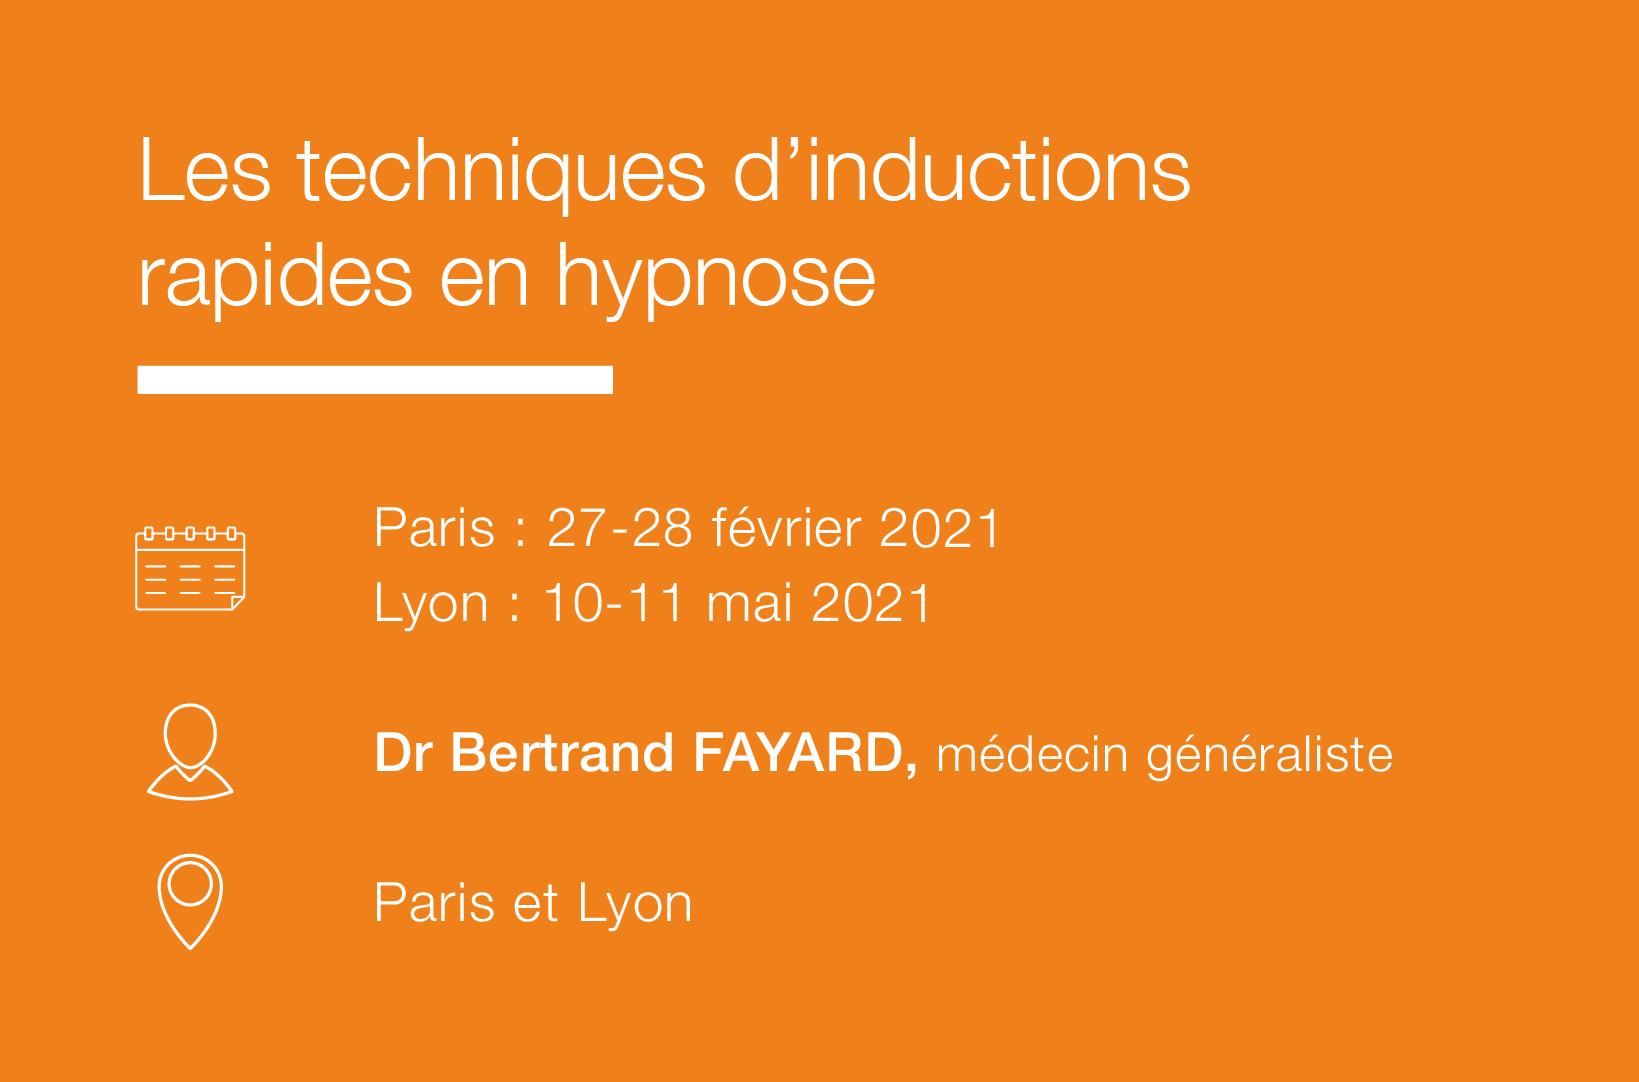 Seminaire Les techniques d Inductions rapides en hypnose-IFH